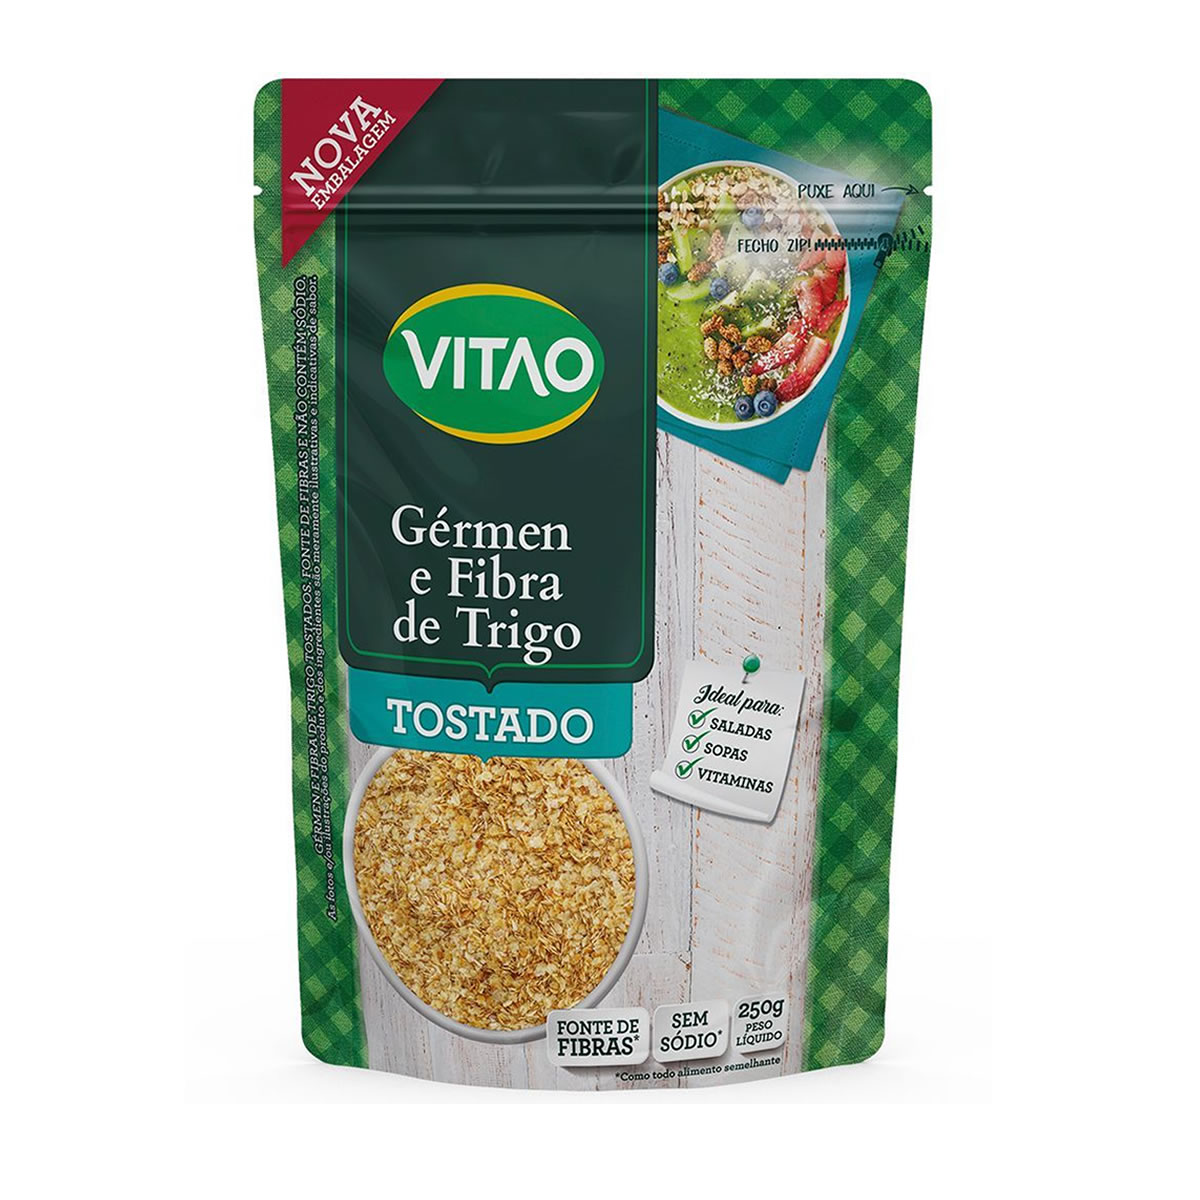 Germen e Fibra de Trigo Tostado 250g - Vitao